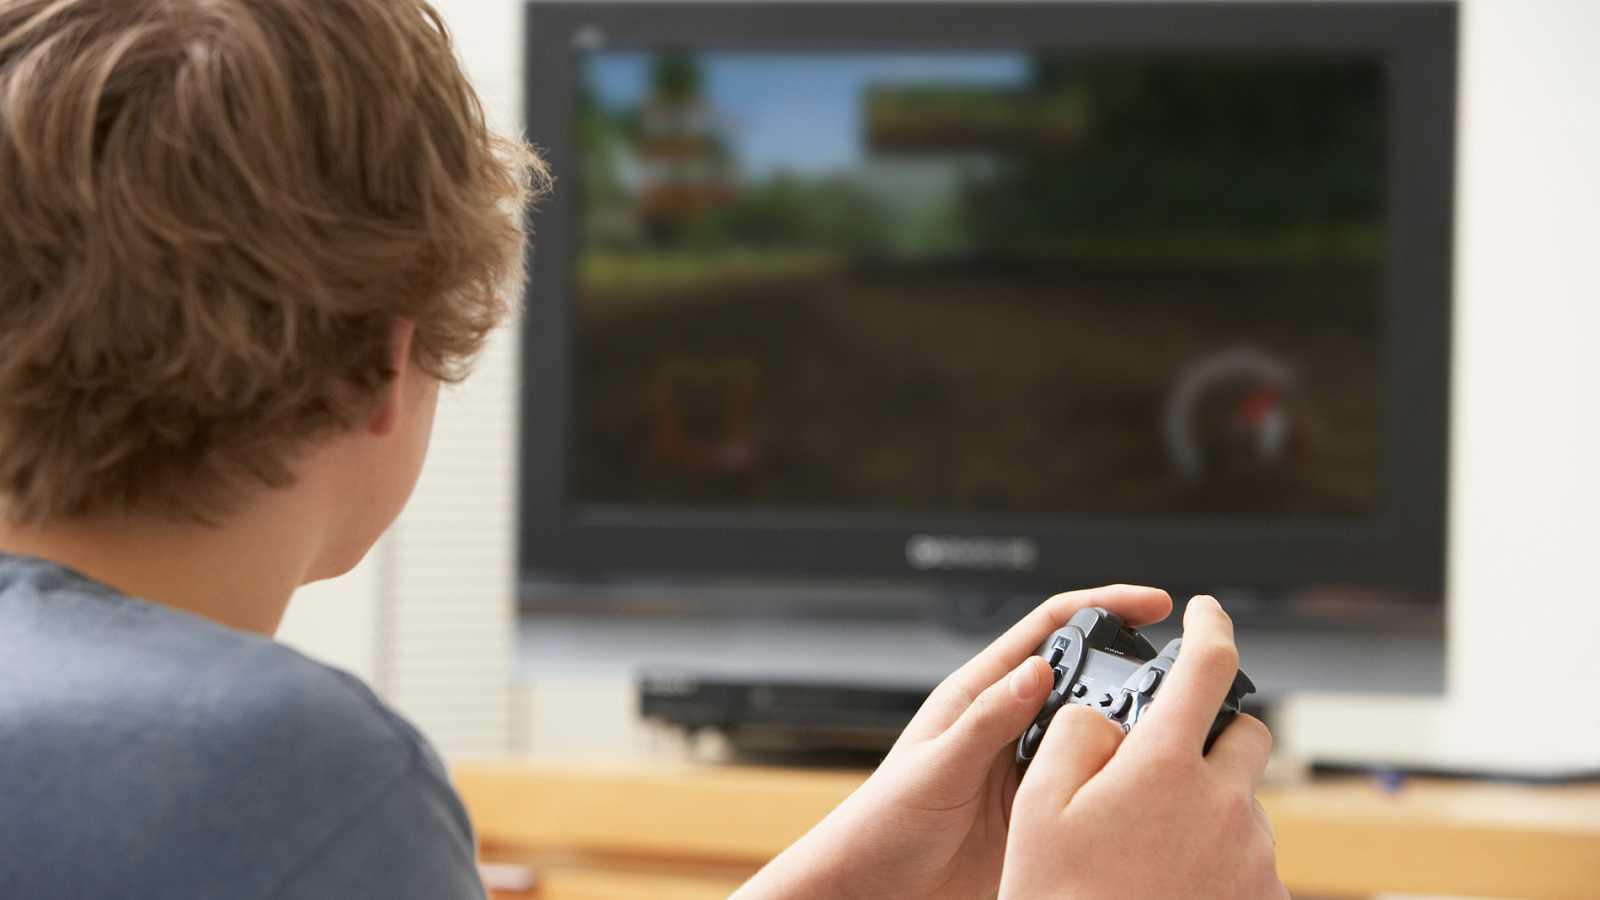 Los videojuegos crean adicción